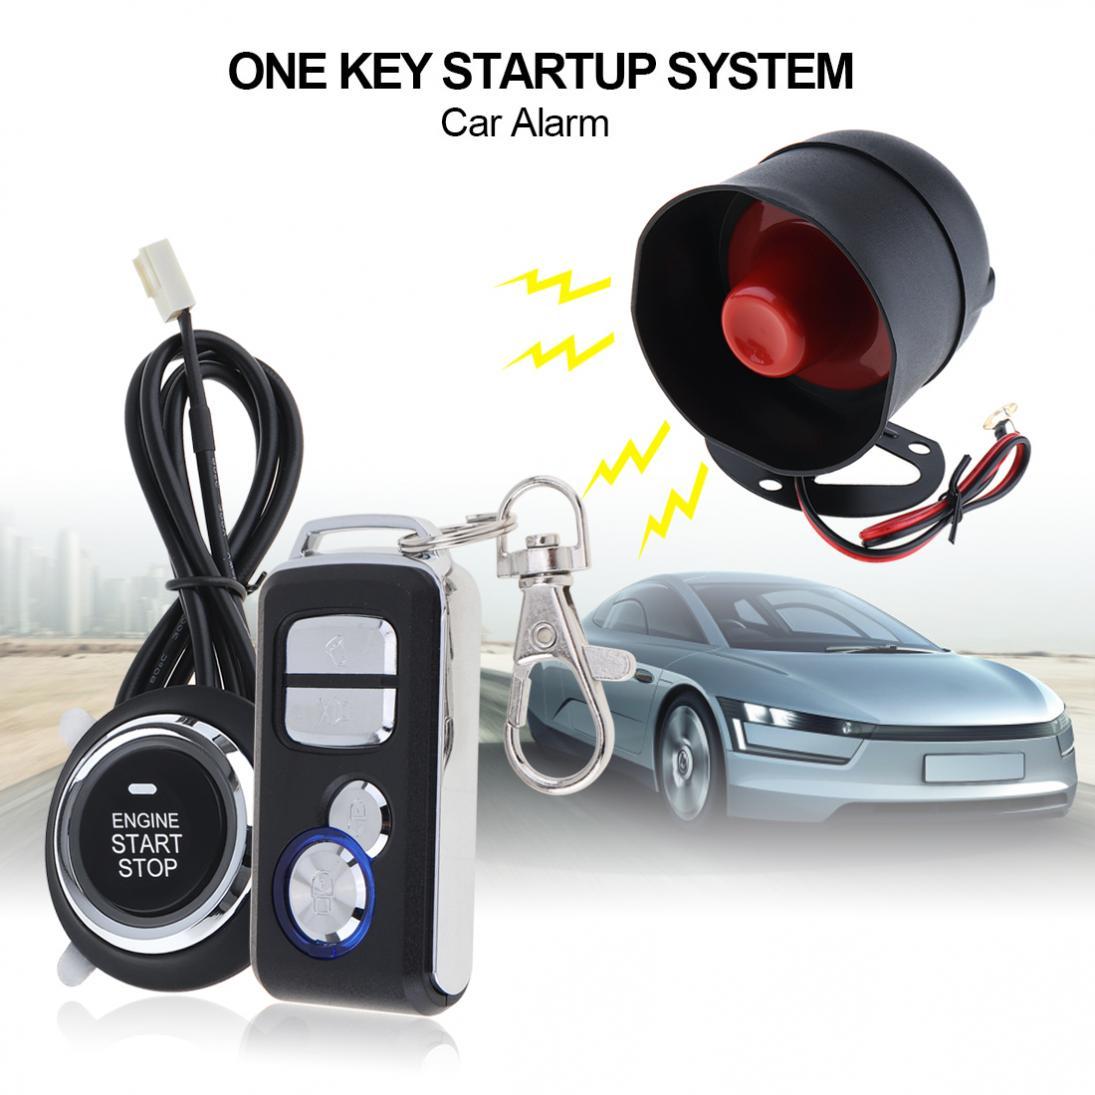 Système d'alarme universel ABS 12 V pour voiture système d'arrêt à distance avec verrouillage Central automatique et entrée sans clé 5A avec clé 1